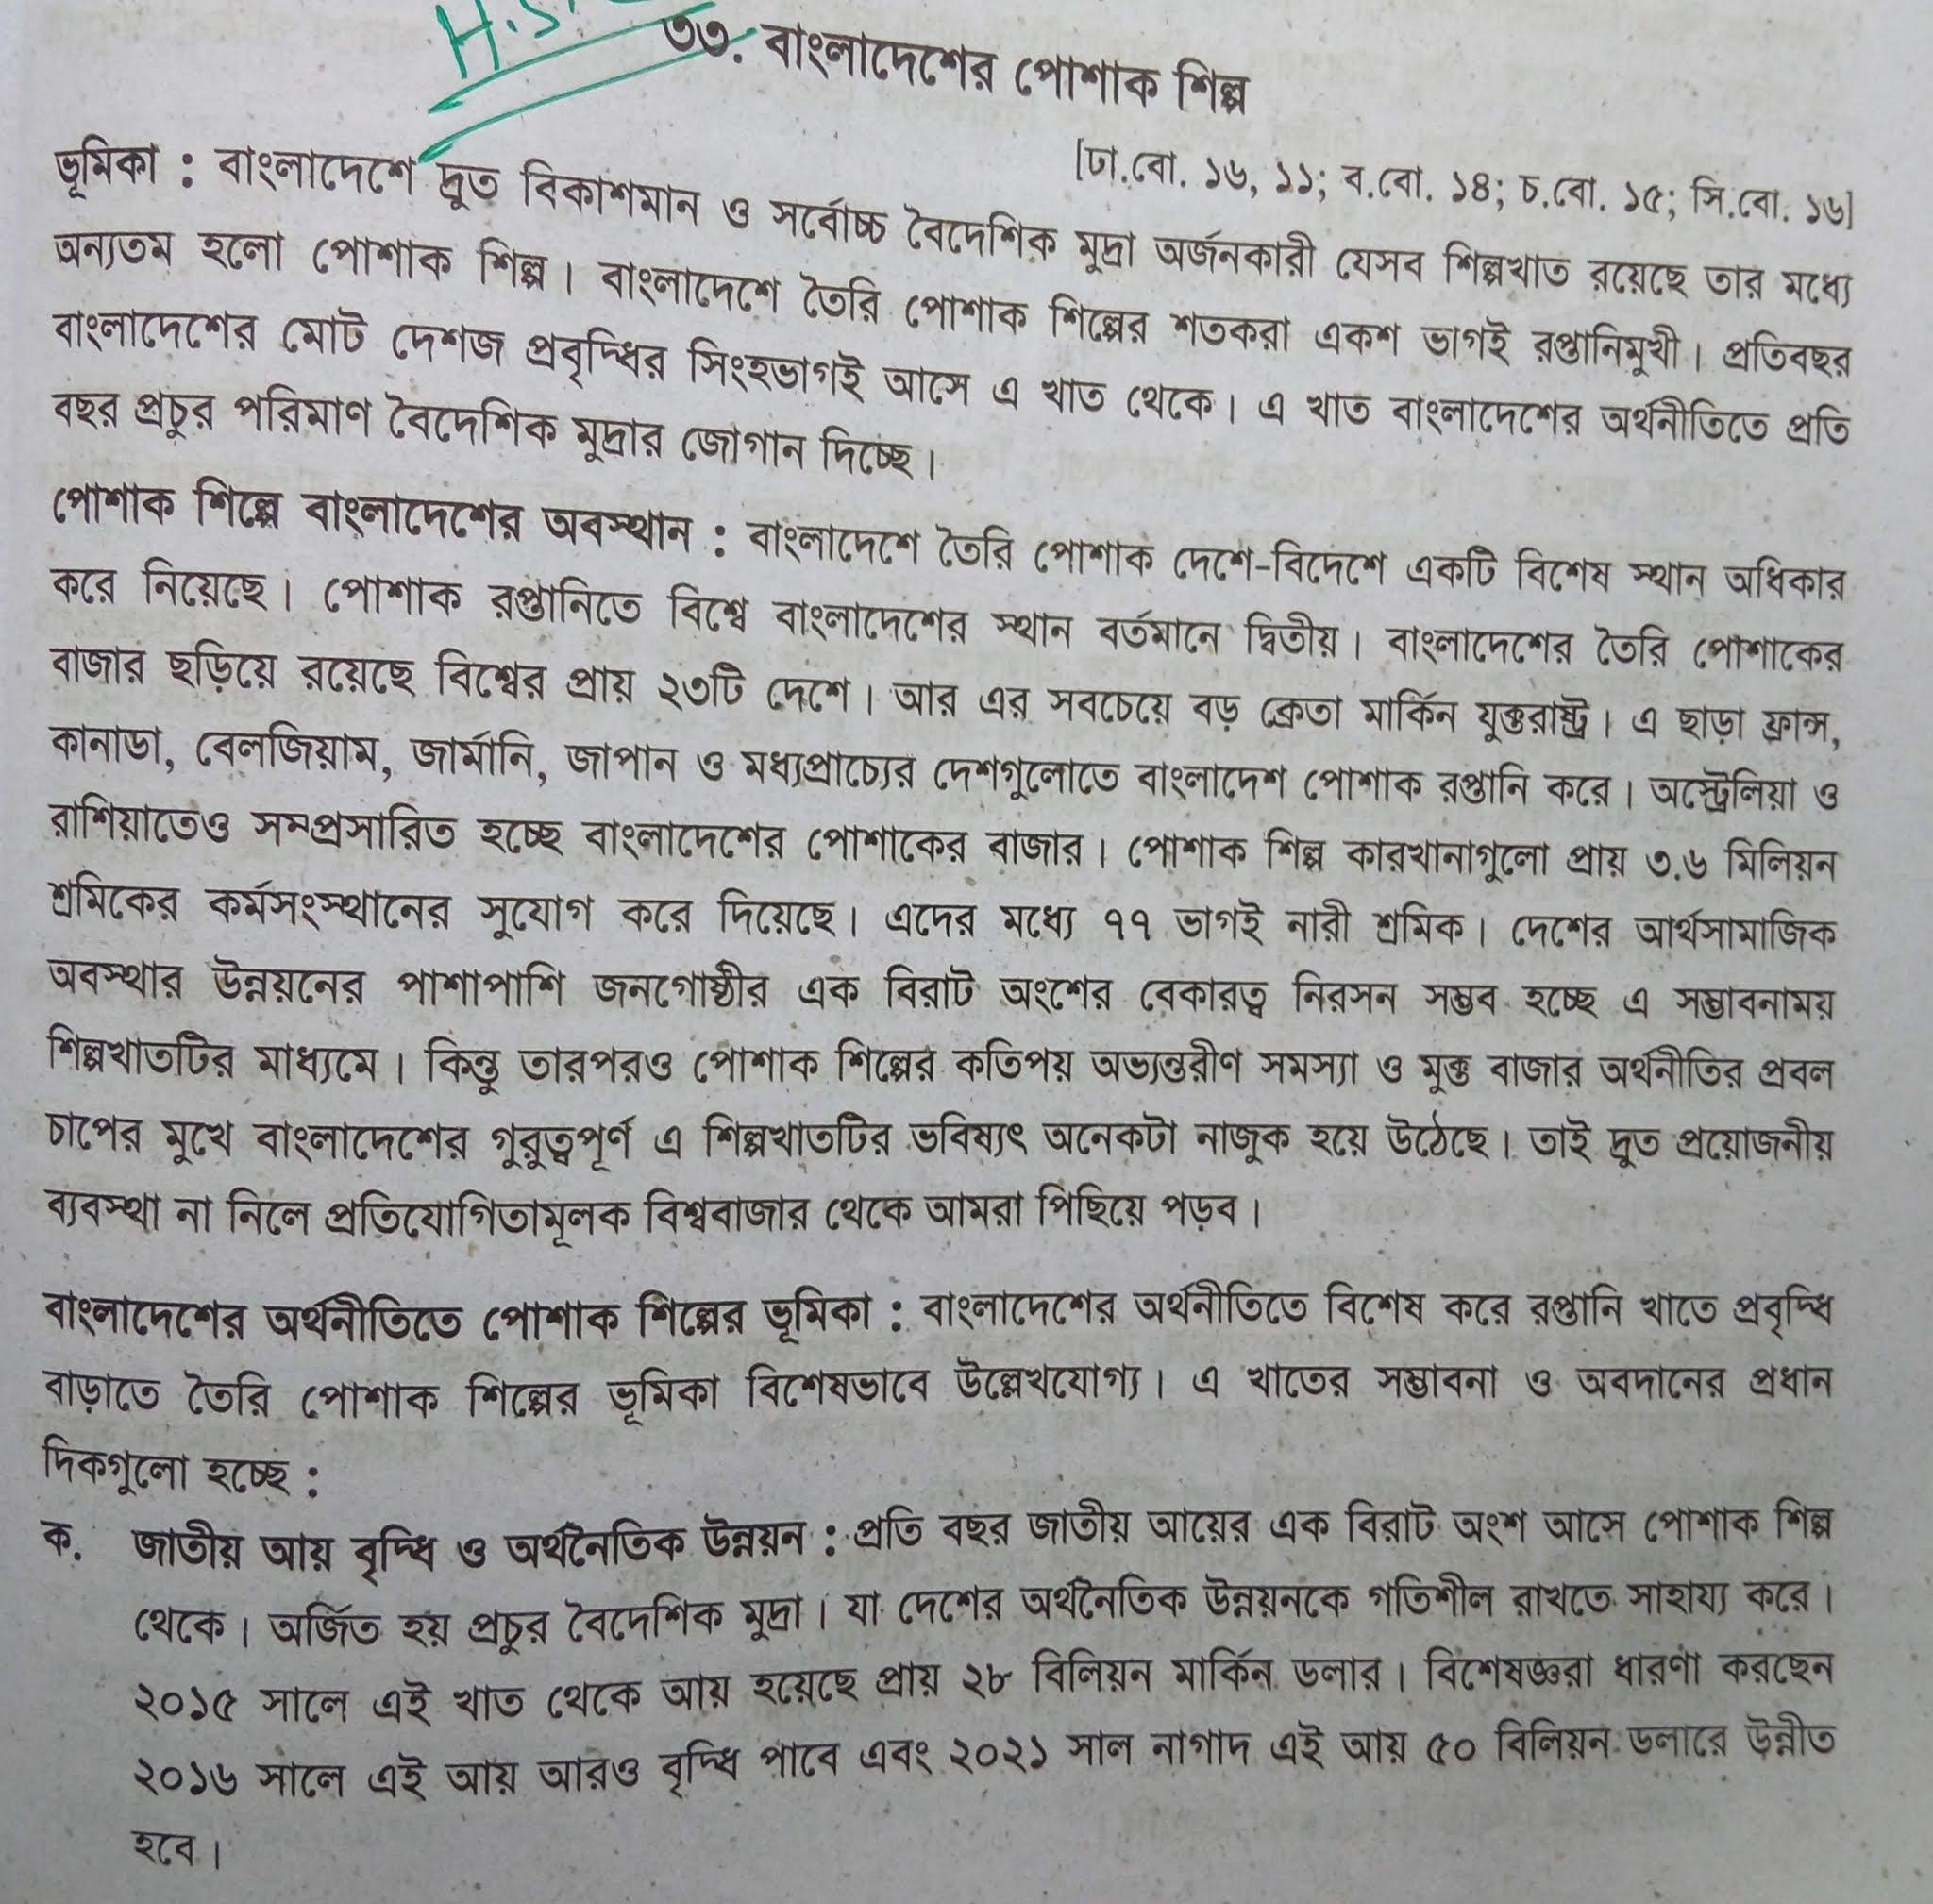 বাংলাদেশের পোশাক শিল্প রচনা - বাংলাদেশের পোশাক শিল্প,  Bangladesh Poshak Shipo Rochona, বাংলাদেশের পোশাক শিল্প গুরুত্ব, বাংলাদেশের পোশাক শিল্প অনুচ্ছেদ রচনা, রচনা- বাংলাদেশের পোশাক শিল্প